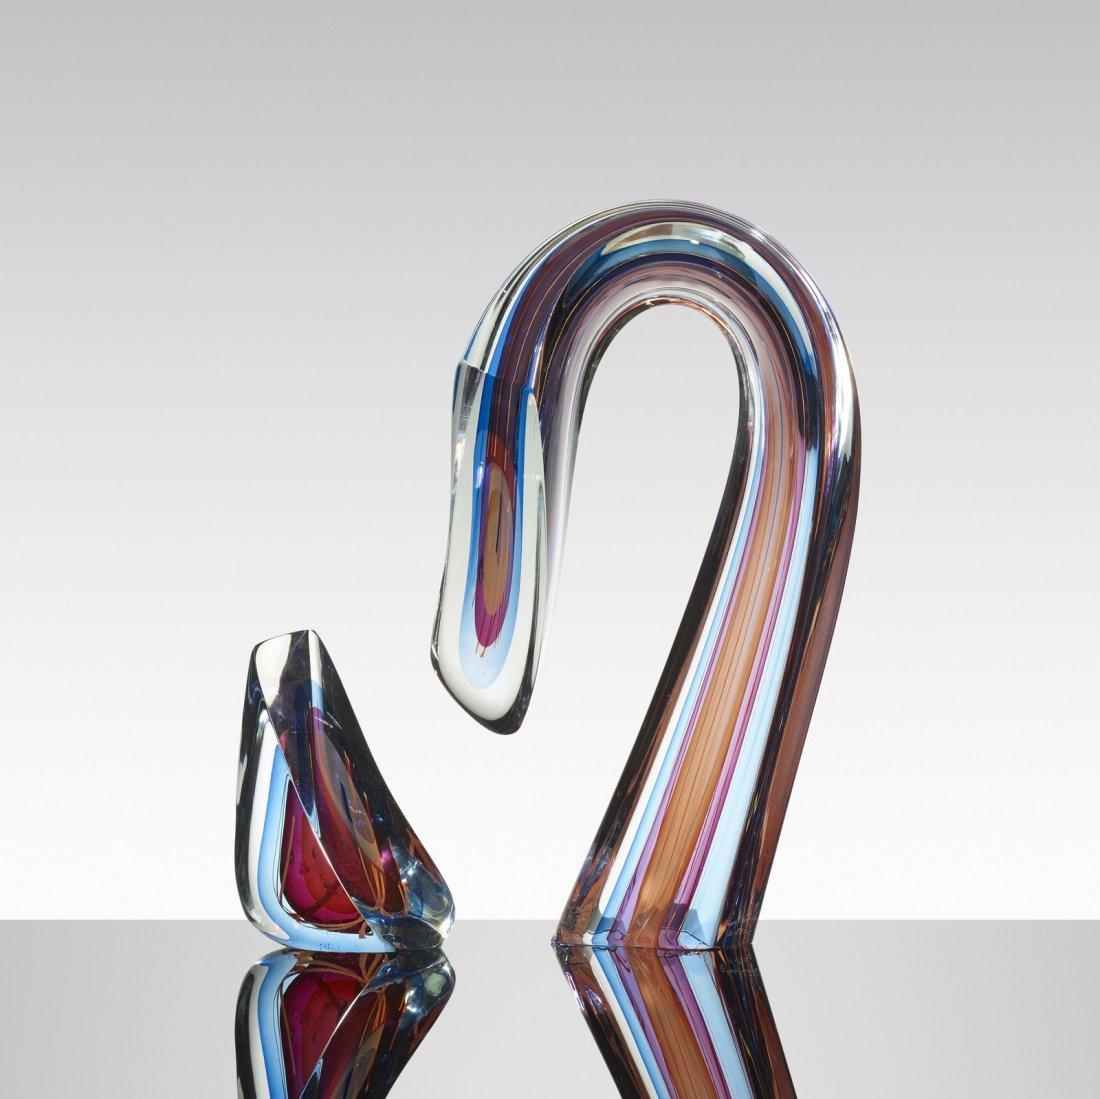 Harvey Littleton, Blue/Magenta Sliced Descending Form